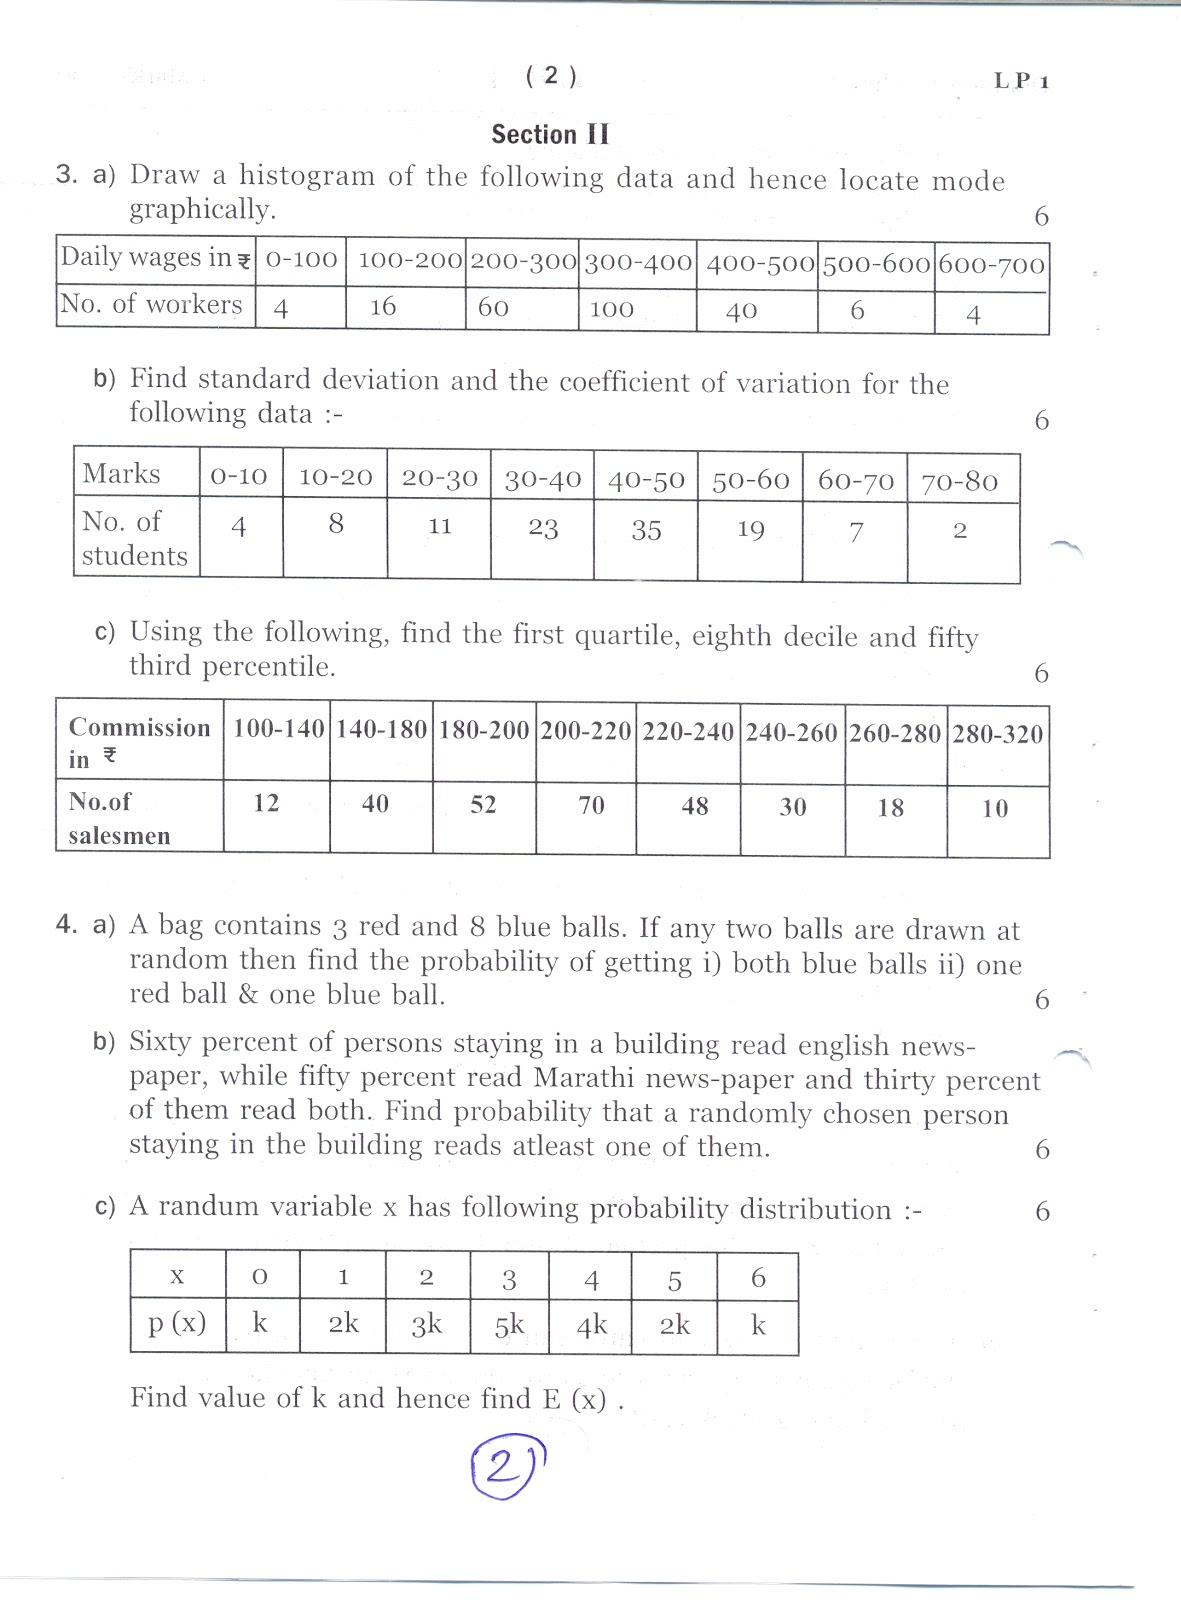 Business economics books fybcom result